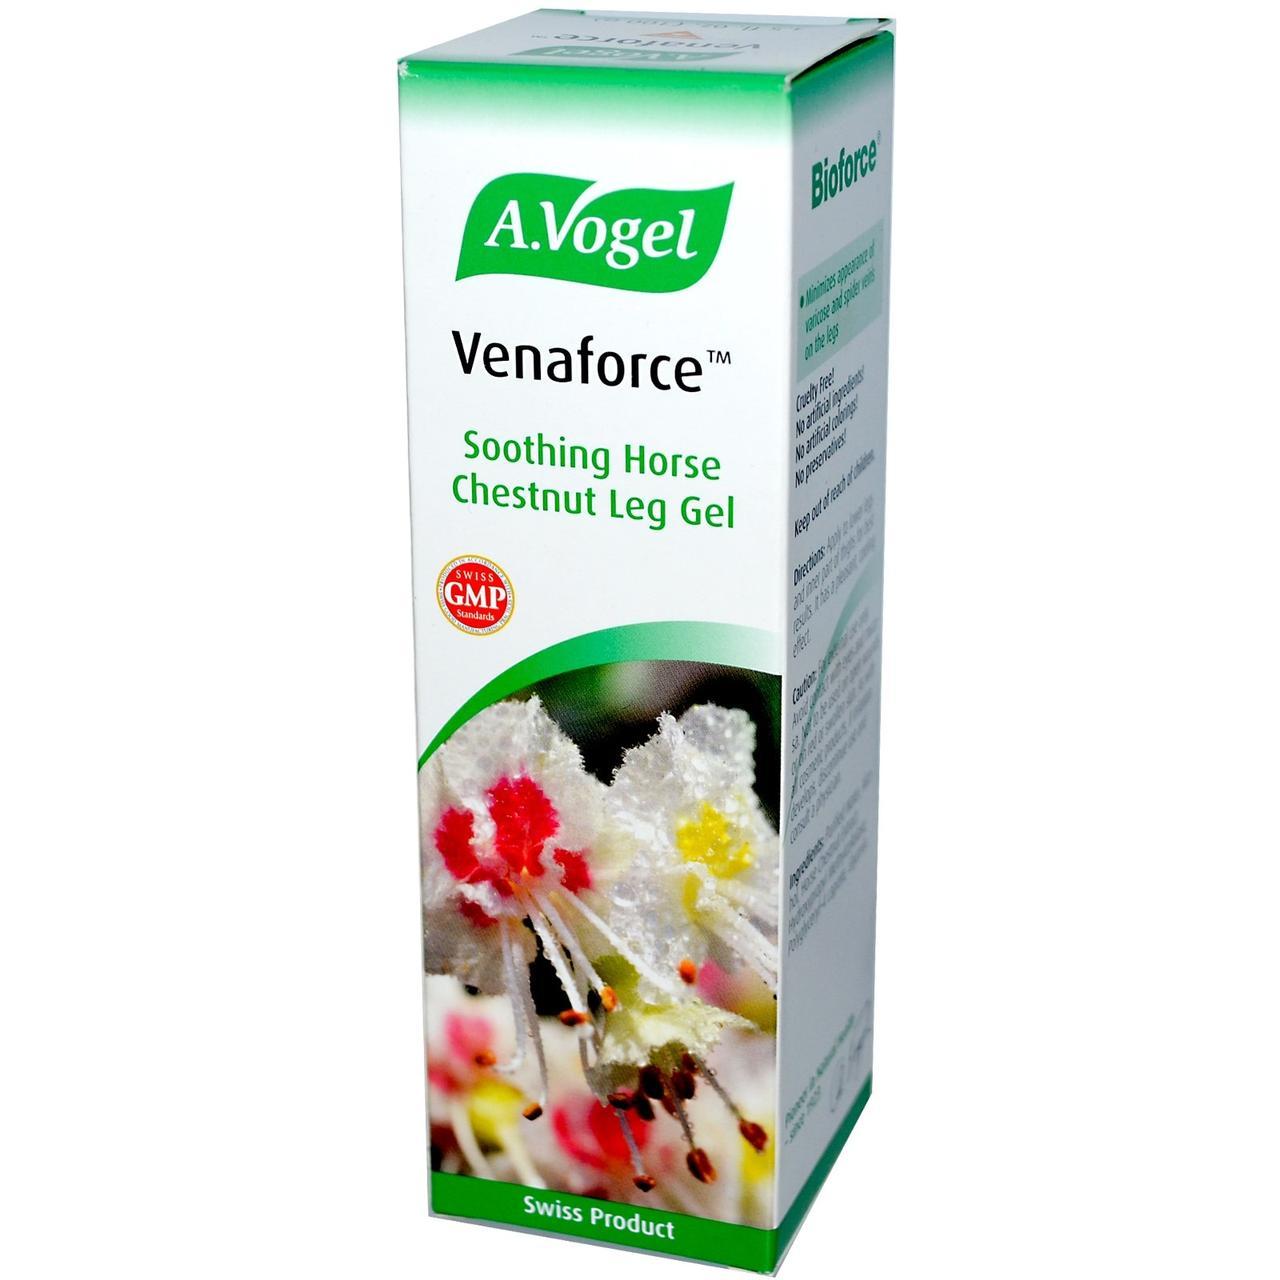 A Vogel, Venaforce, Успокаивающий гель для ног с конским каштаном, 3,5 жидких унций (100 мл) - Интернет-магазин для здоровой жизни в Киеве